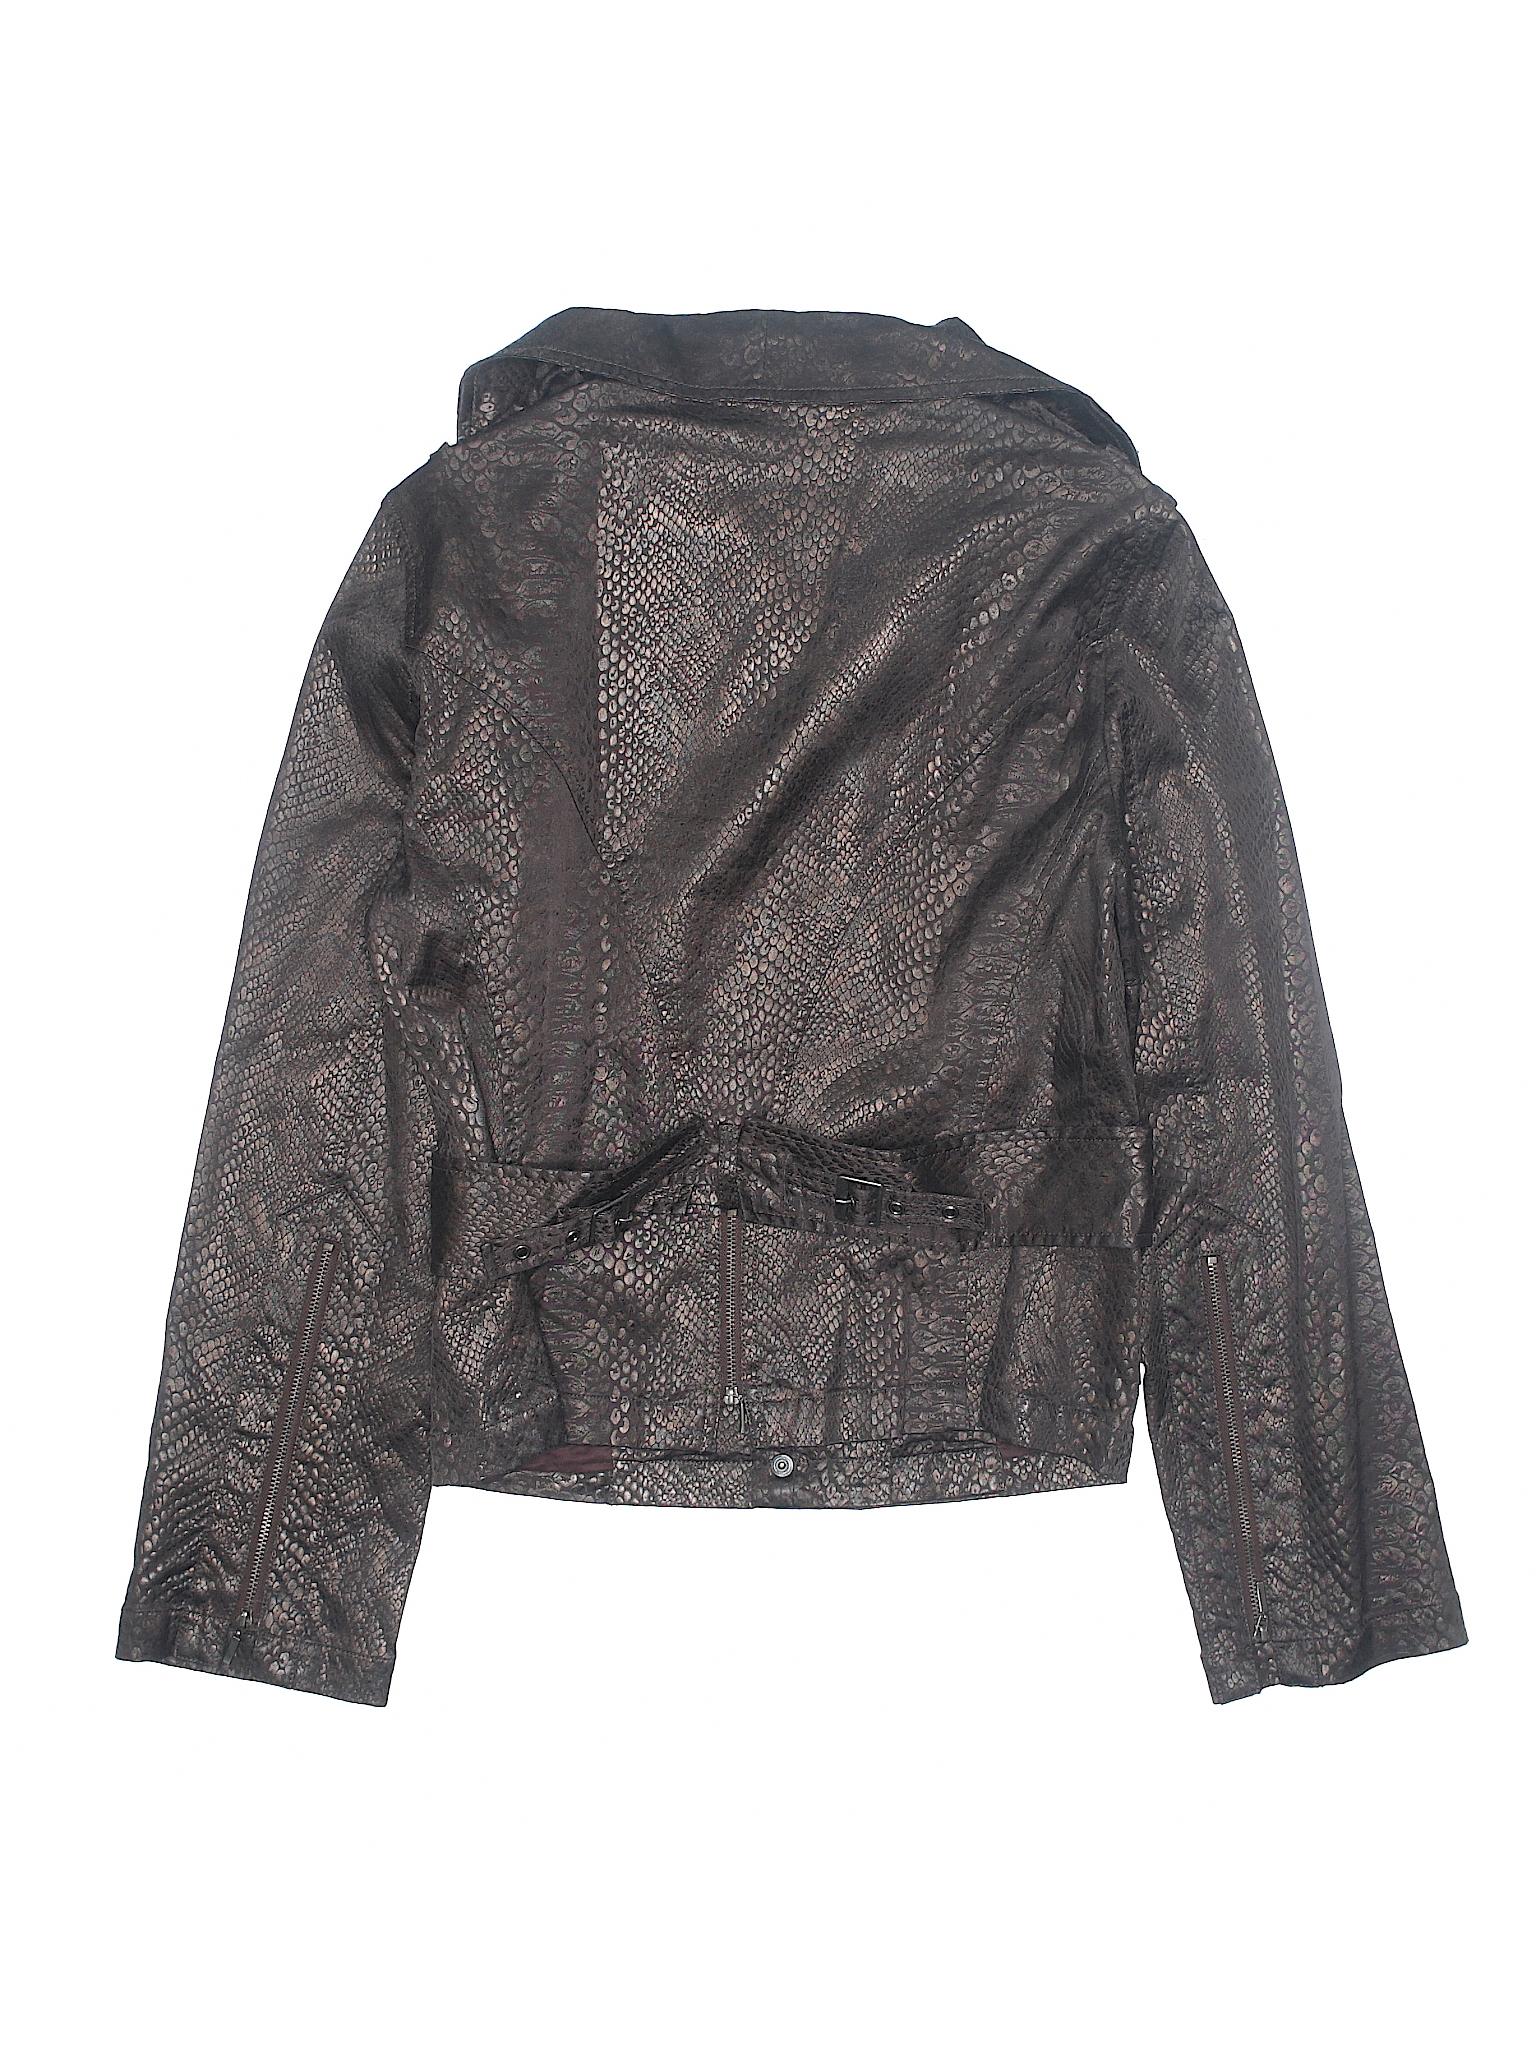 Fugel winter Vansi Jacket Jacket winter Fugel Vansi Boutique Boutique Vansi Boutique winter UFwavq1